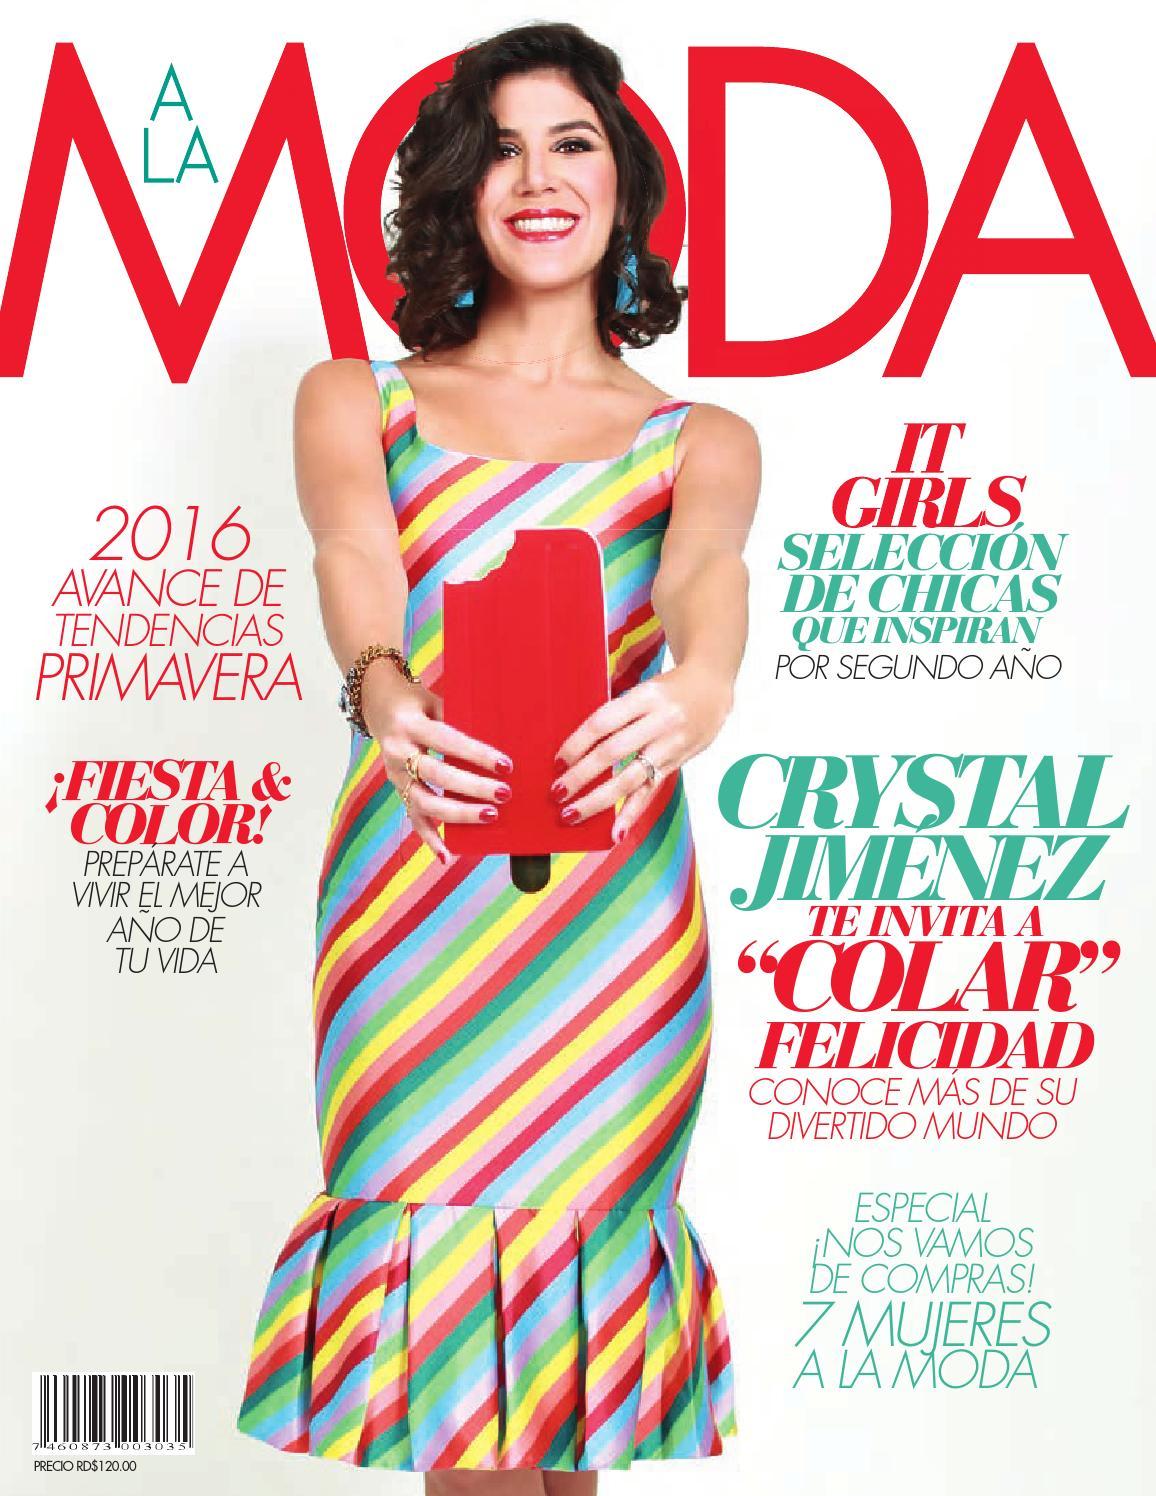 Revista A La Moda - Edición Invierno 2015 by A la Moda - issuu 3e8124e778b